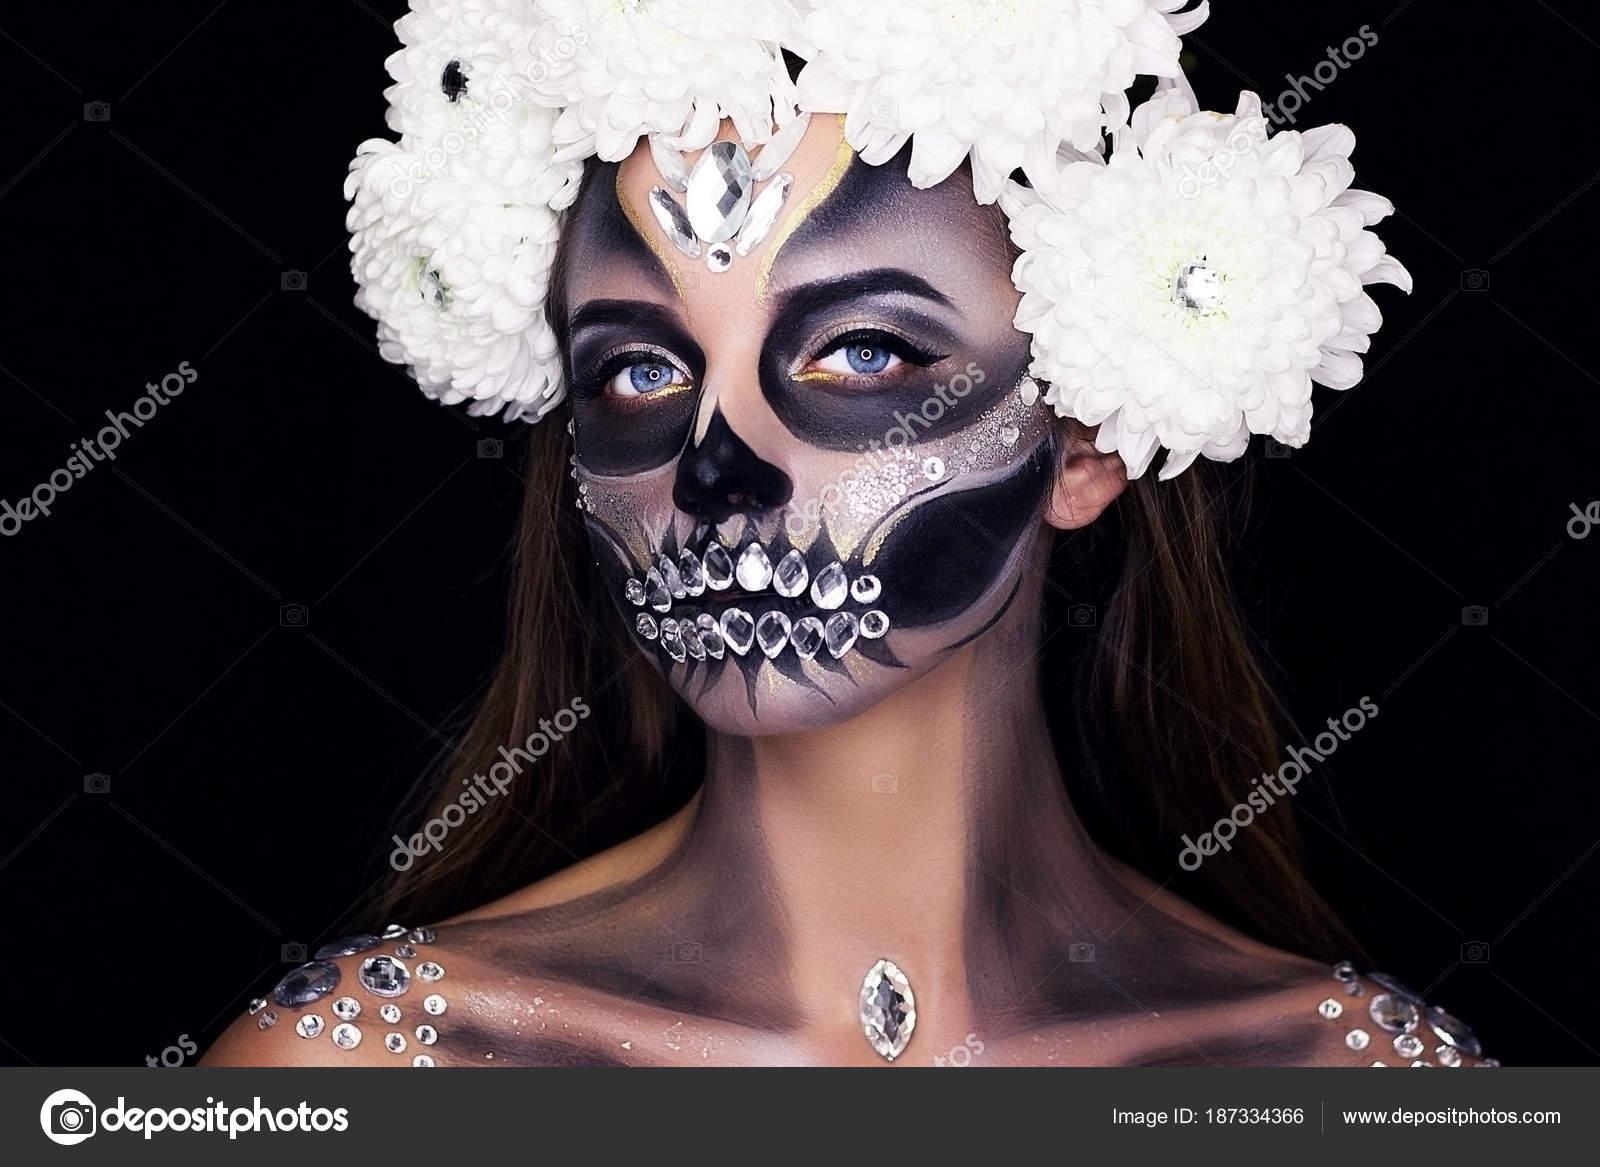 Modelo Tatuado De Esqueleto Maquillaje Maquillaje Profesional Con - Maquillaje-profesional-halloween